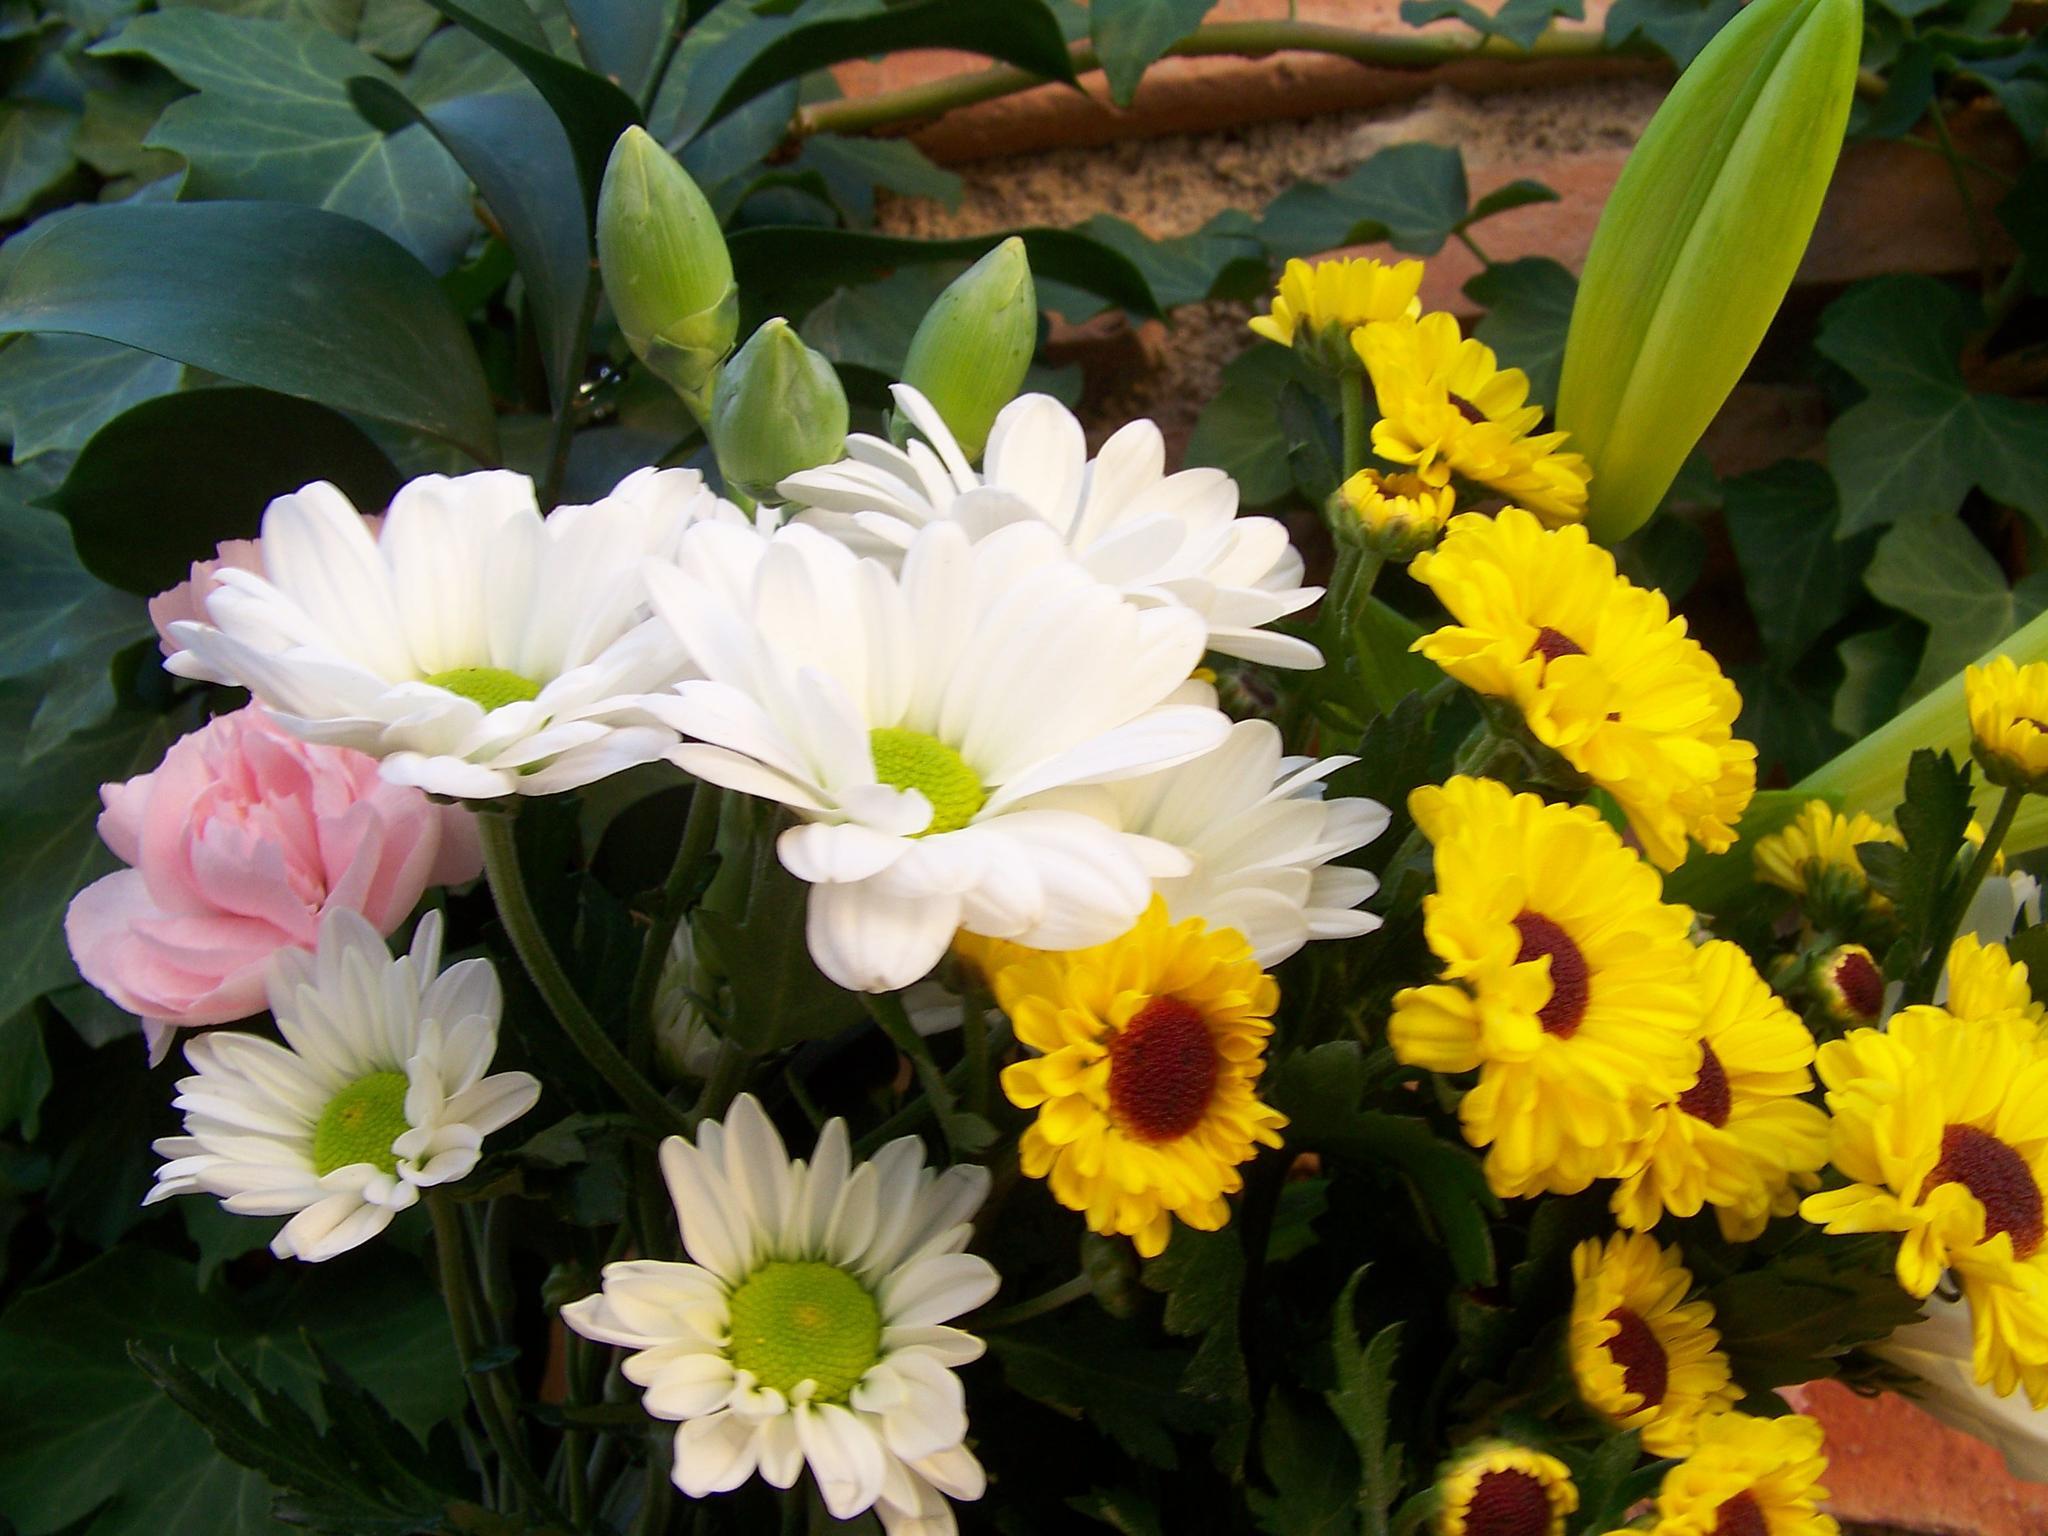 En el día de todos los Santos, apreciamos la belleza de unas flores distintas, a las de la primavera by maydo.lopez